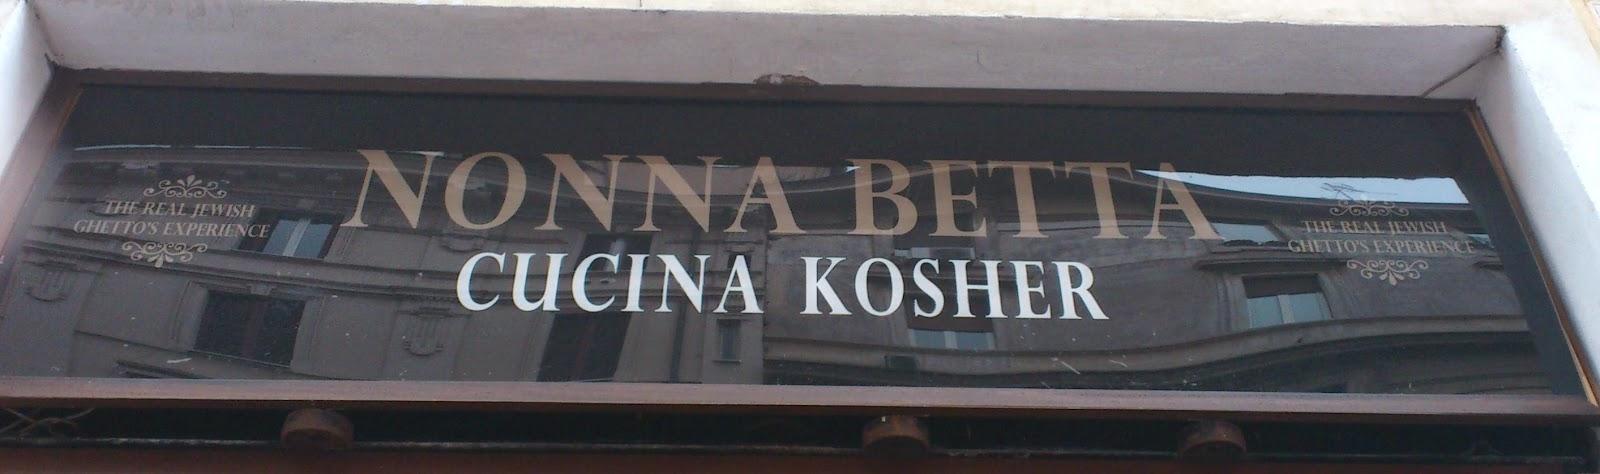 dopo aver visto la puntata di no reservation girata a roma in cui anthony bourdain ha mangiato qui abbiamo deciso di provare anche noi questo ristorante